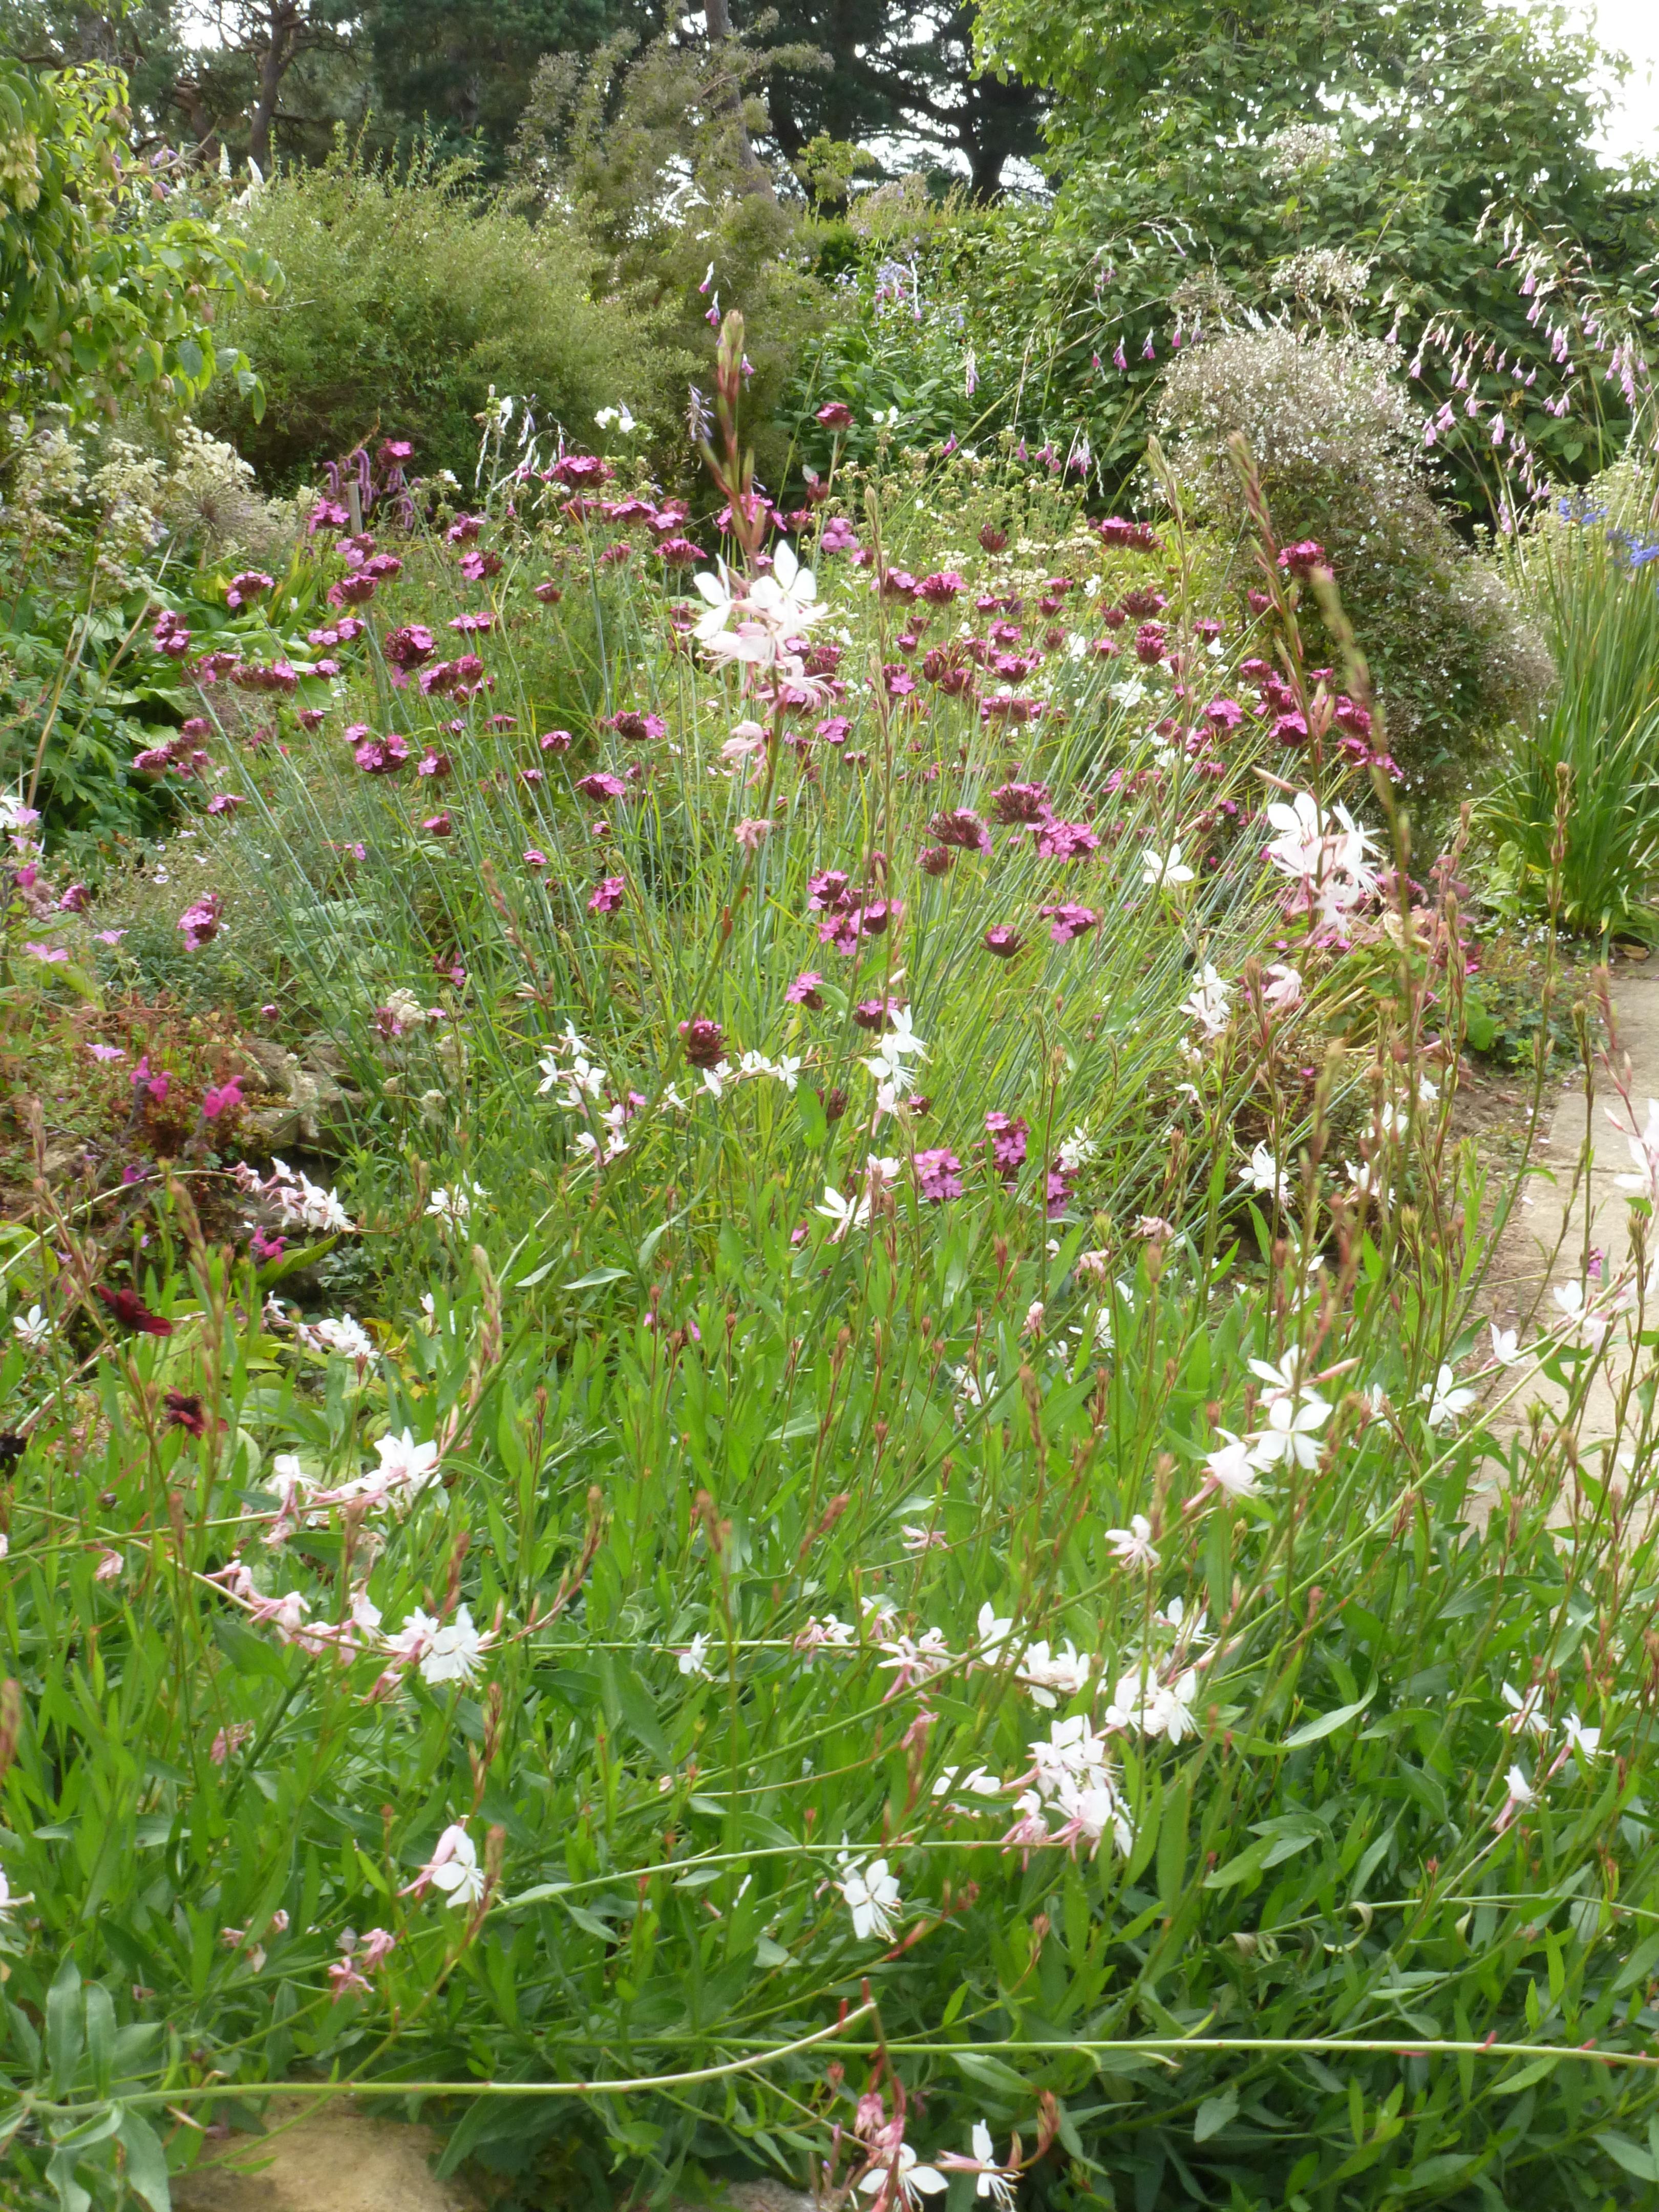 Ursula's Cambridge Garden